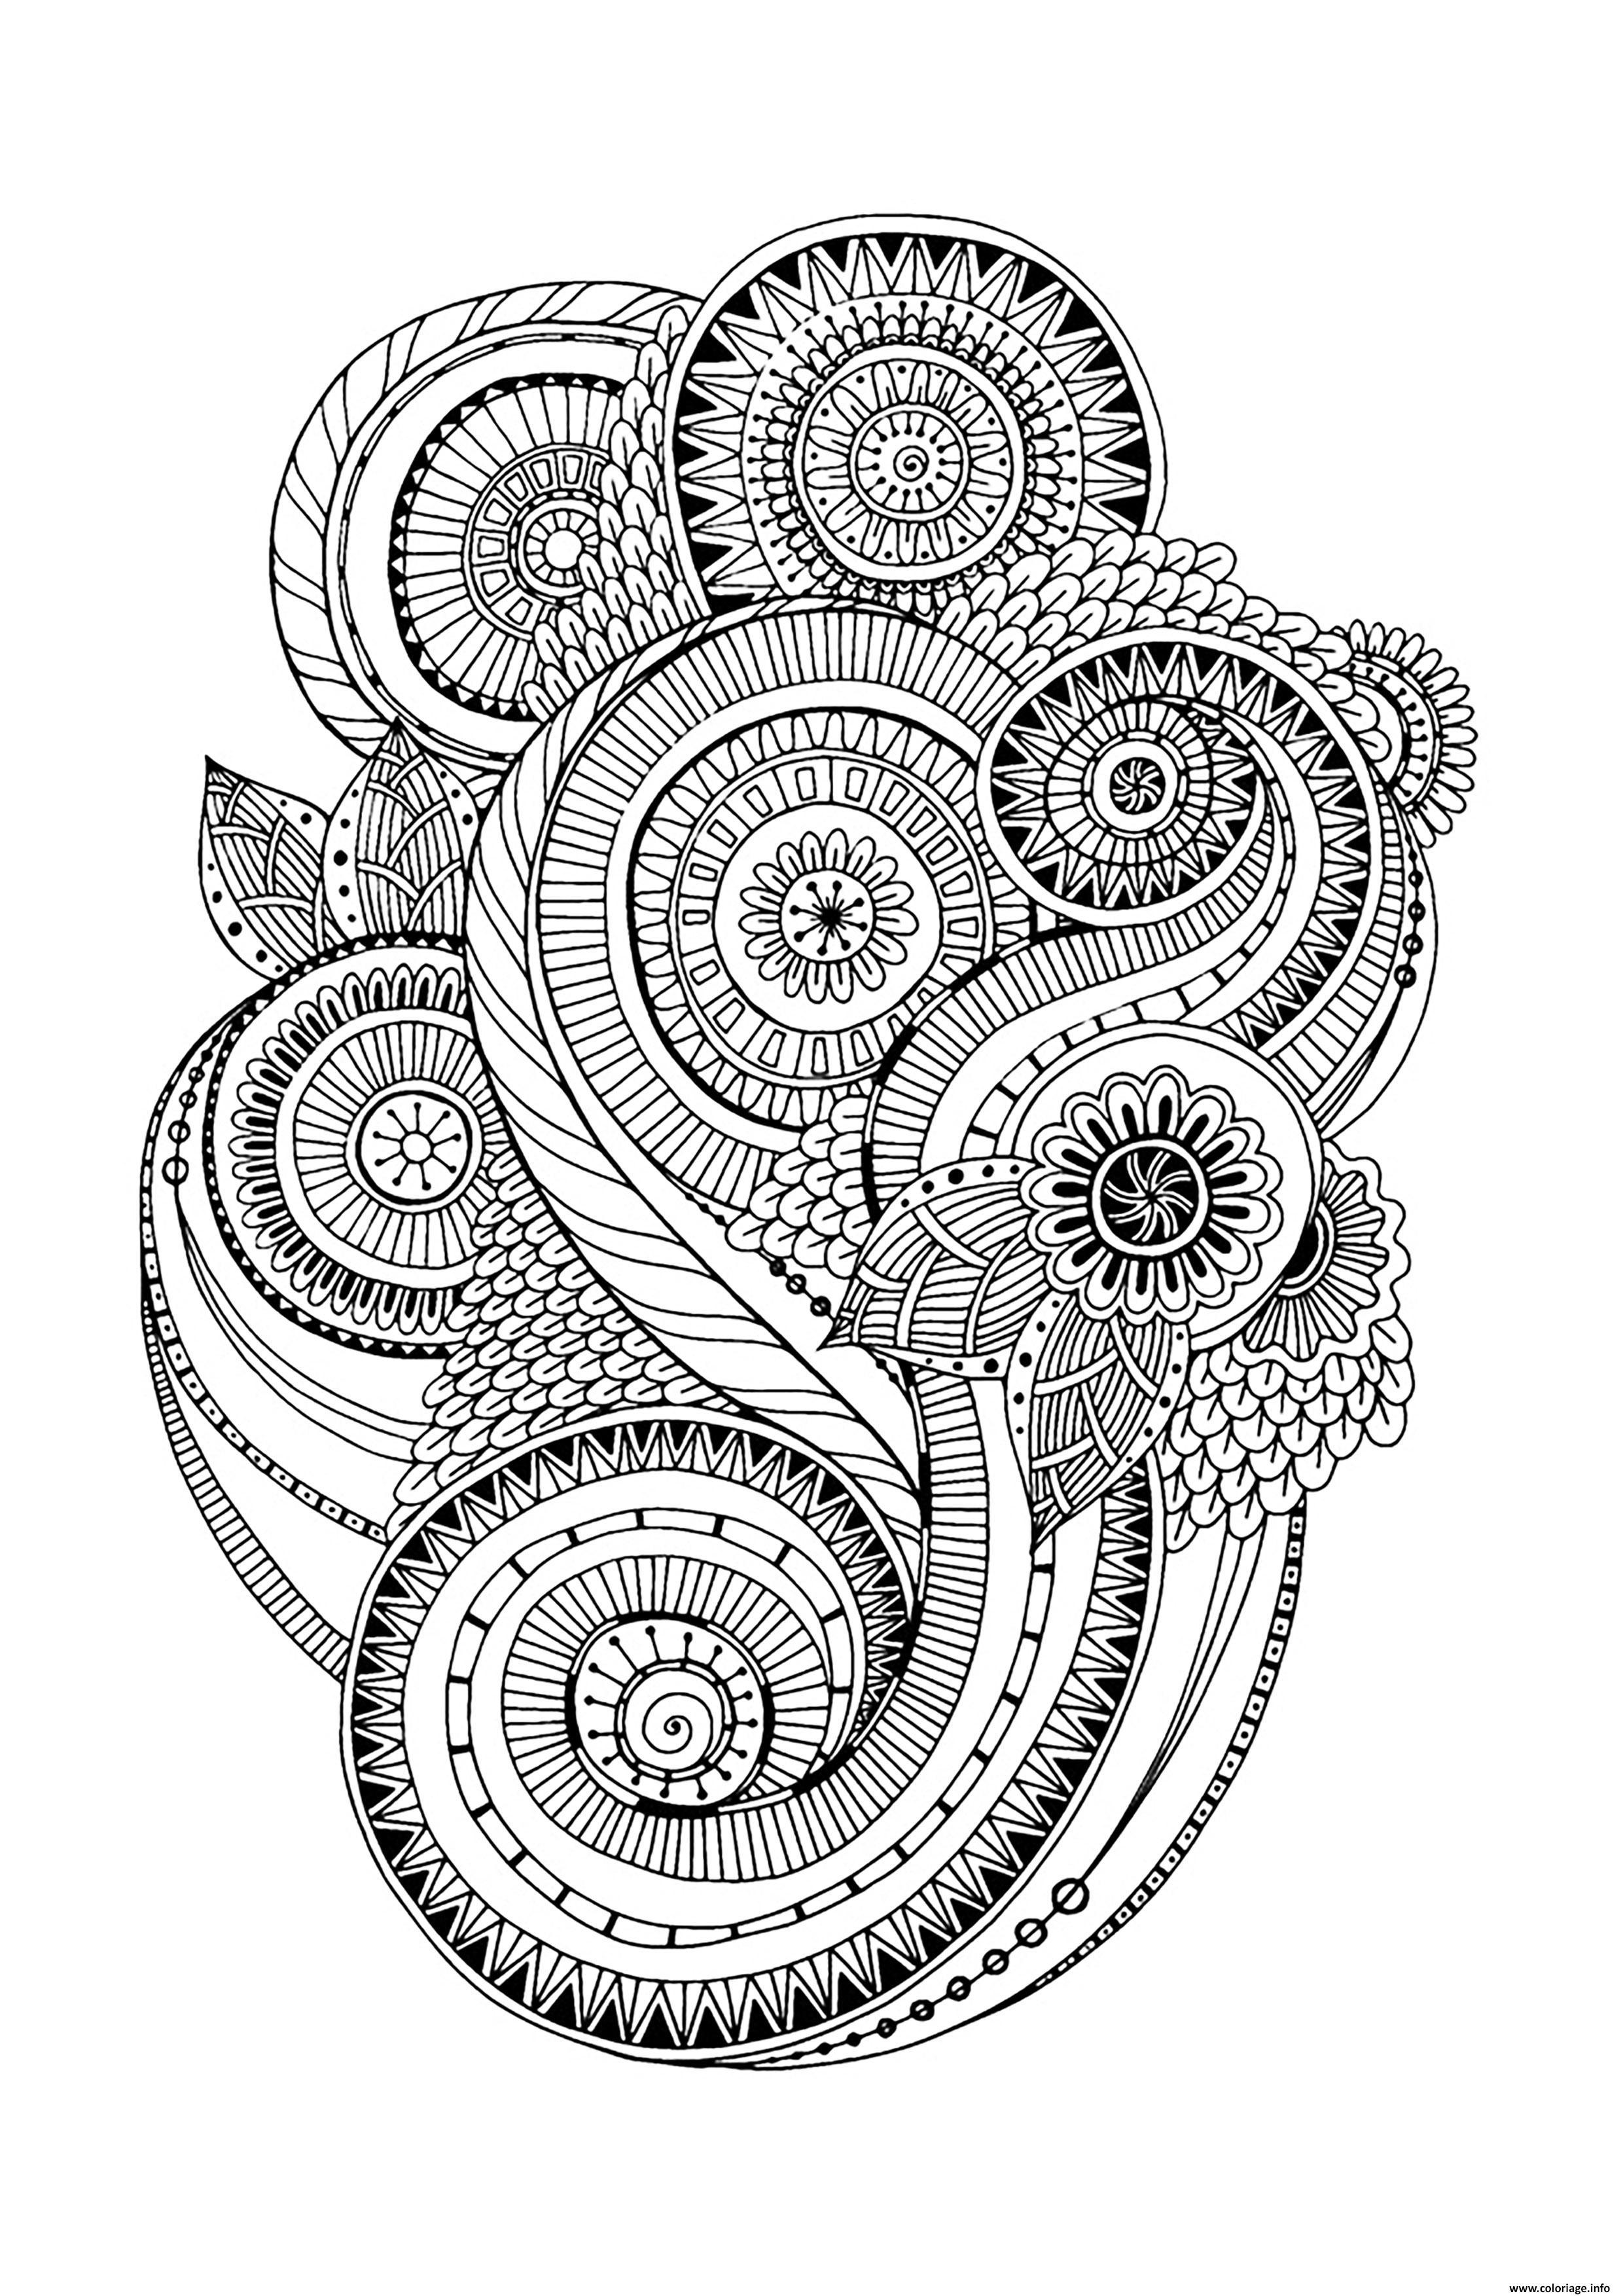 Coloriage Zen Antistress Motif Abstrait Inspiration Florale 2 Par Juliasnegireva Dessin Adulte A Imprimer